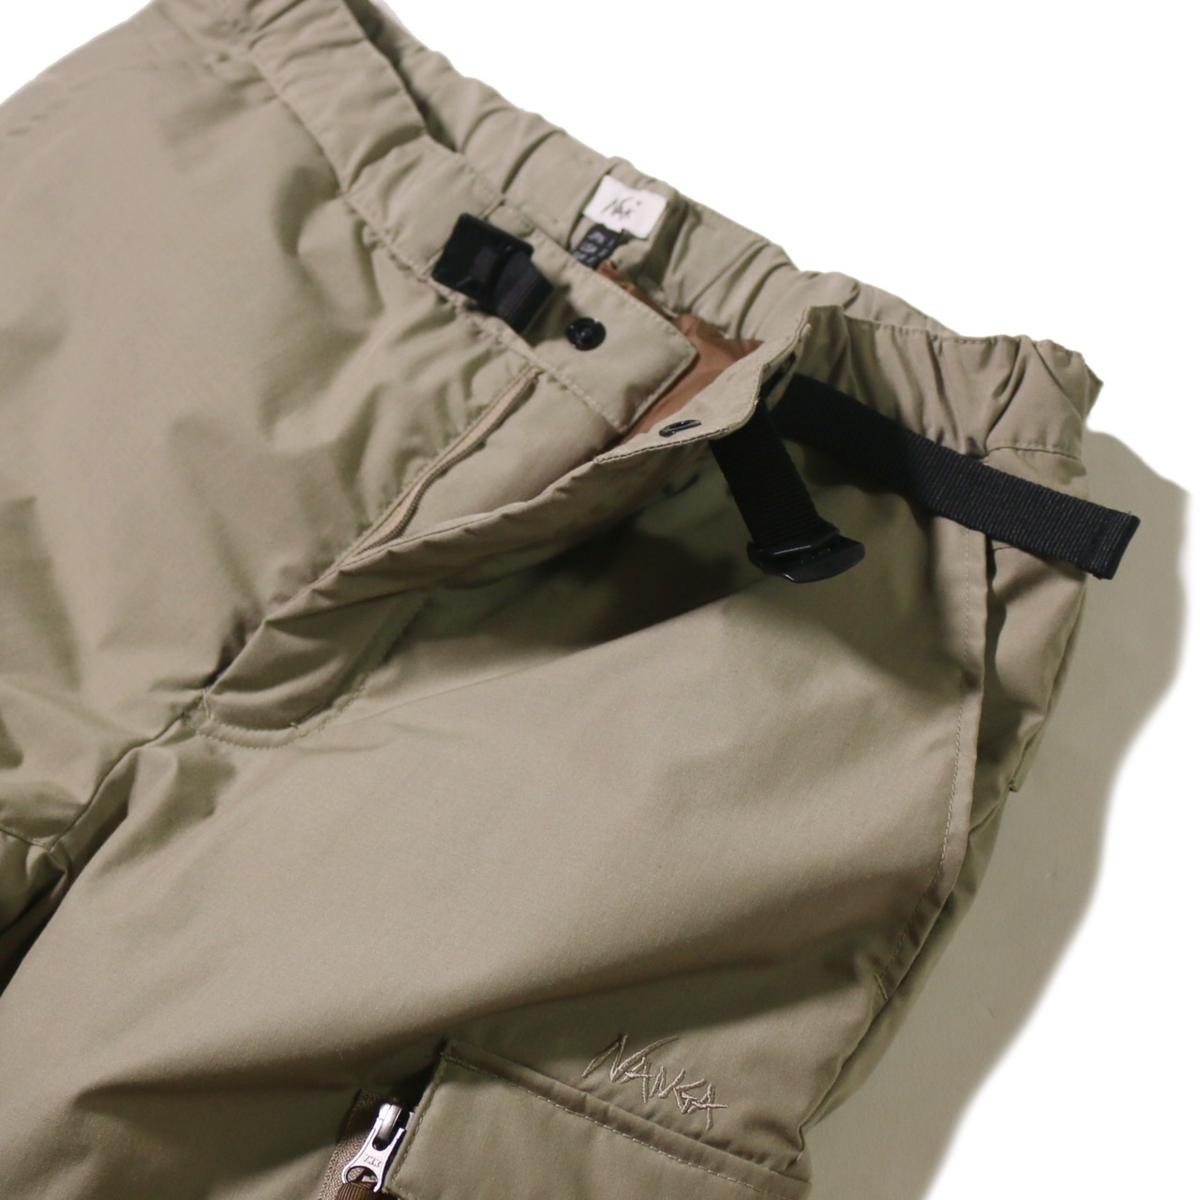 https://nanga.jp/product/wear/bottoms/takibi-down-pants-2/